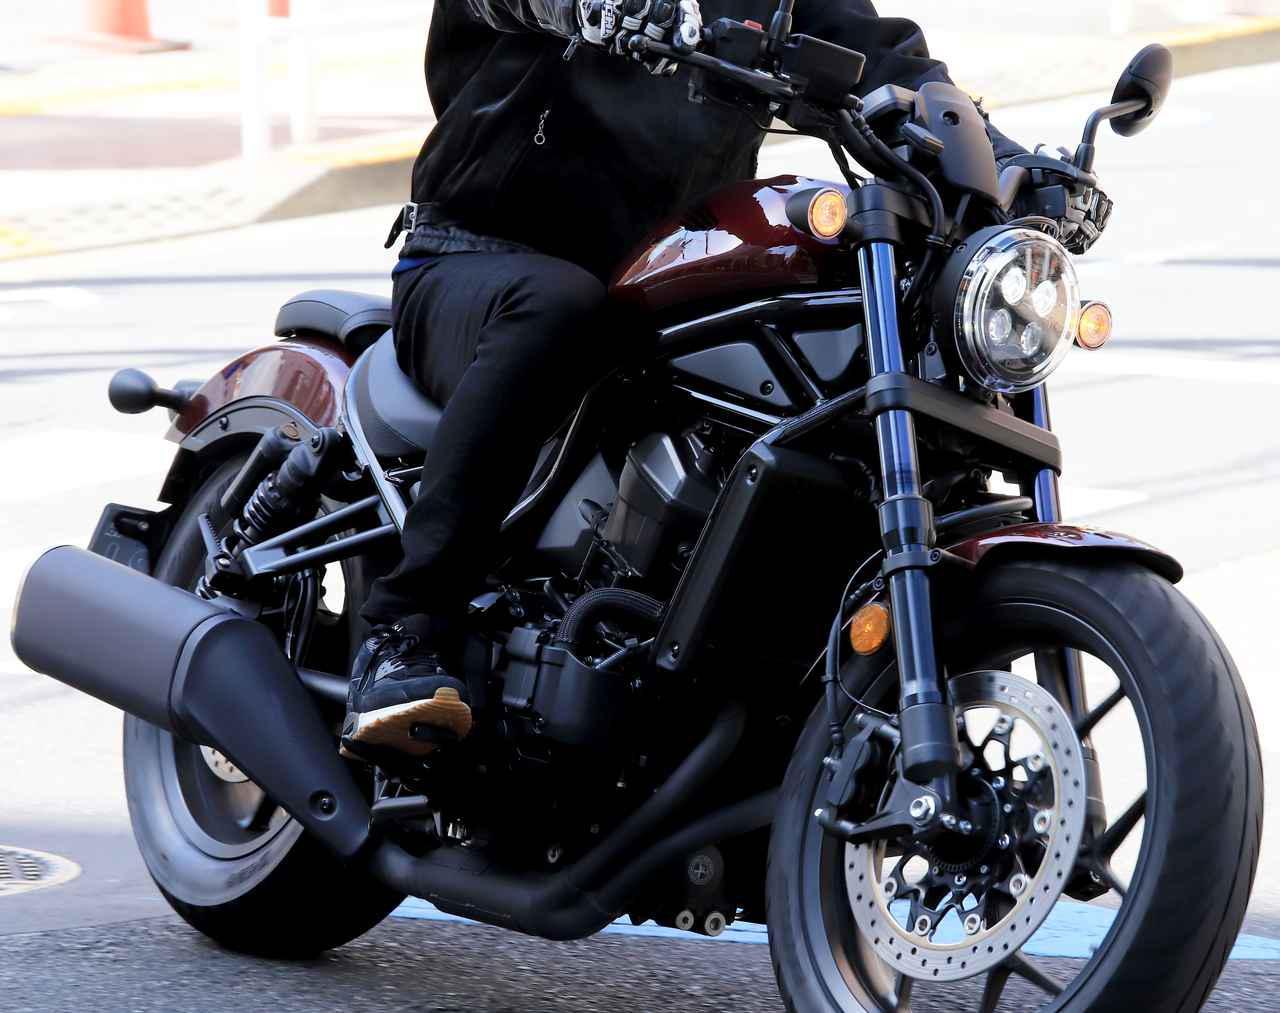 画像: 【街乗りインプレ】ホンダ「レブル1100DCT」(竹山ケンタ) - webオートバイ